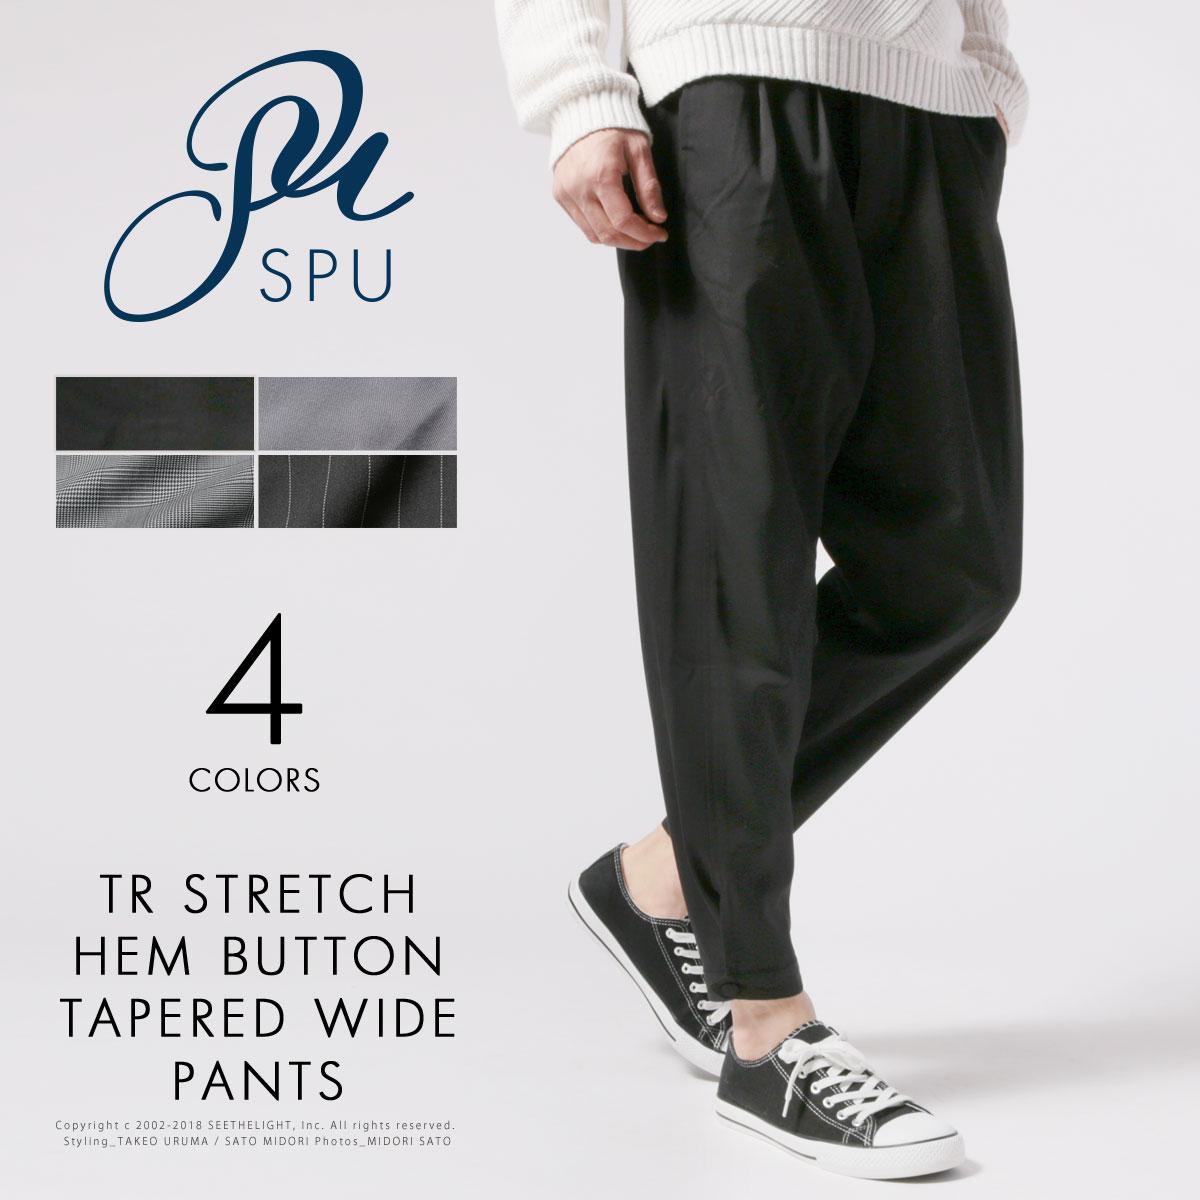 メンズ 春 夏 秋 メンズファッション TR ストレッチ 裾 ボタン テーパード ワイド パンツ タック SPU スプ